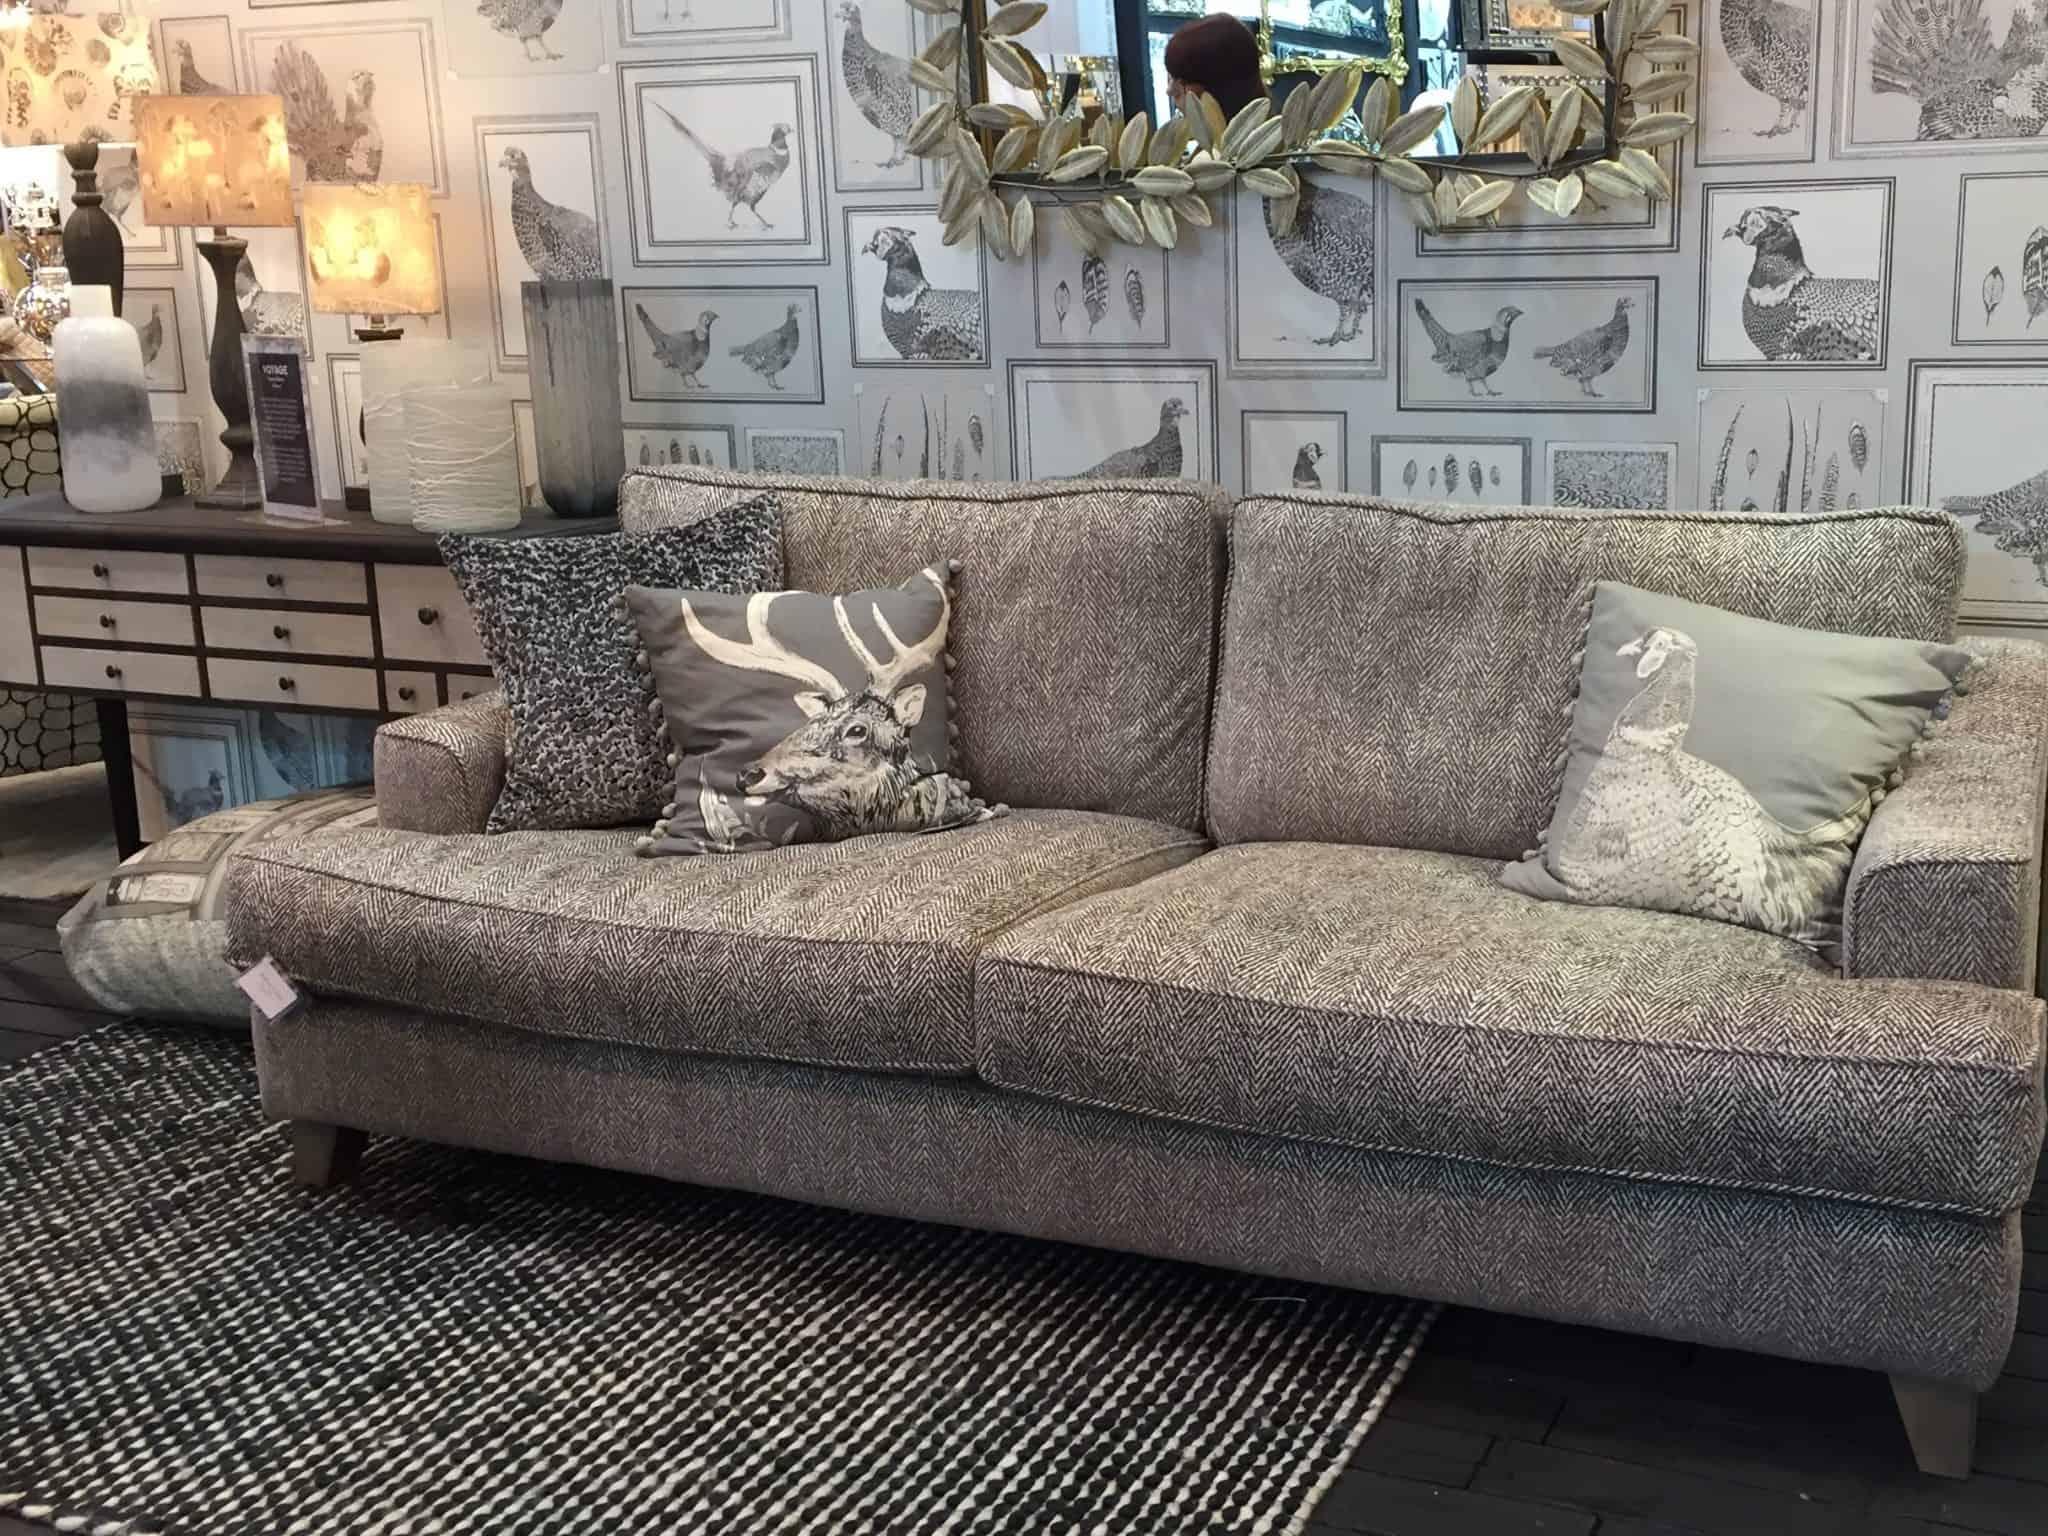 Sofa at at the Spring Fair